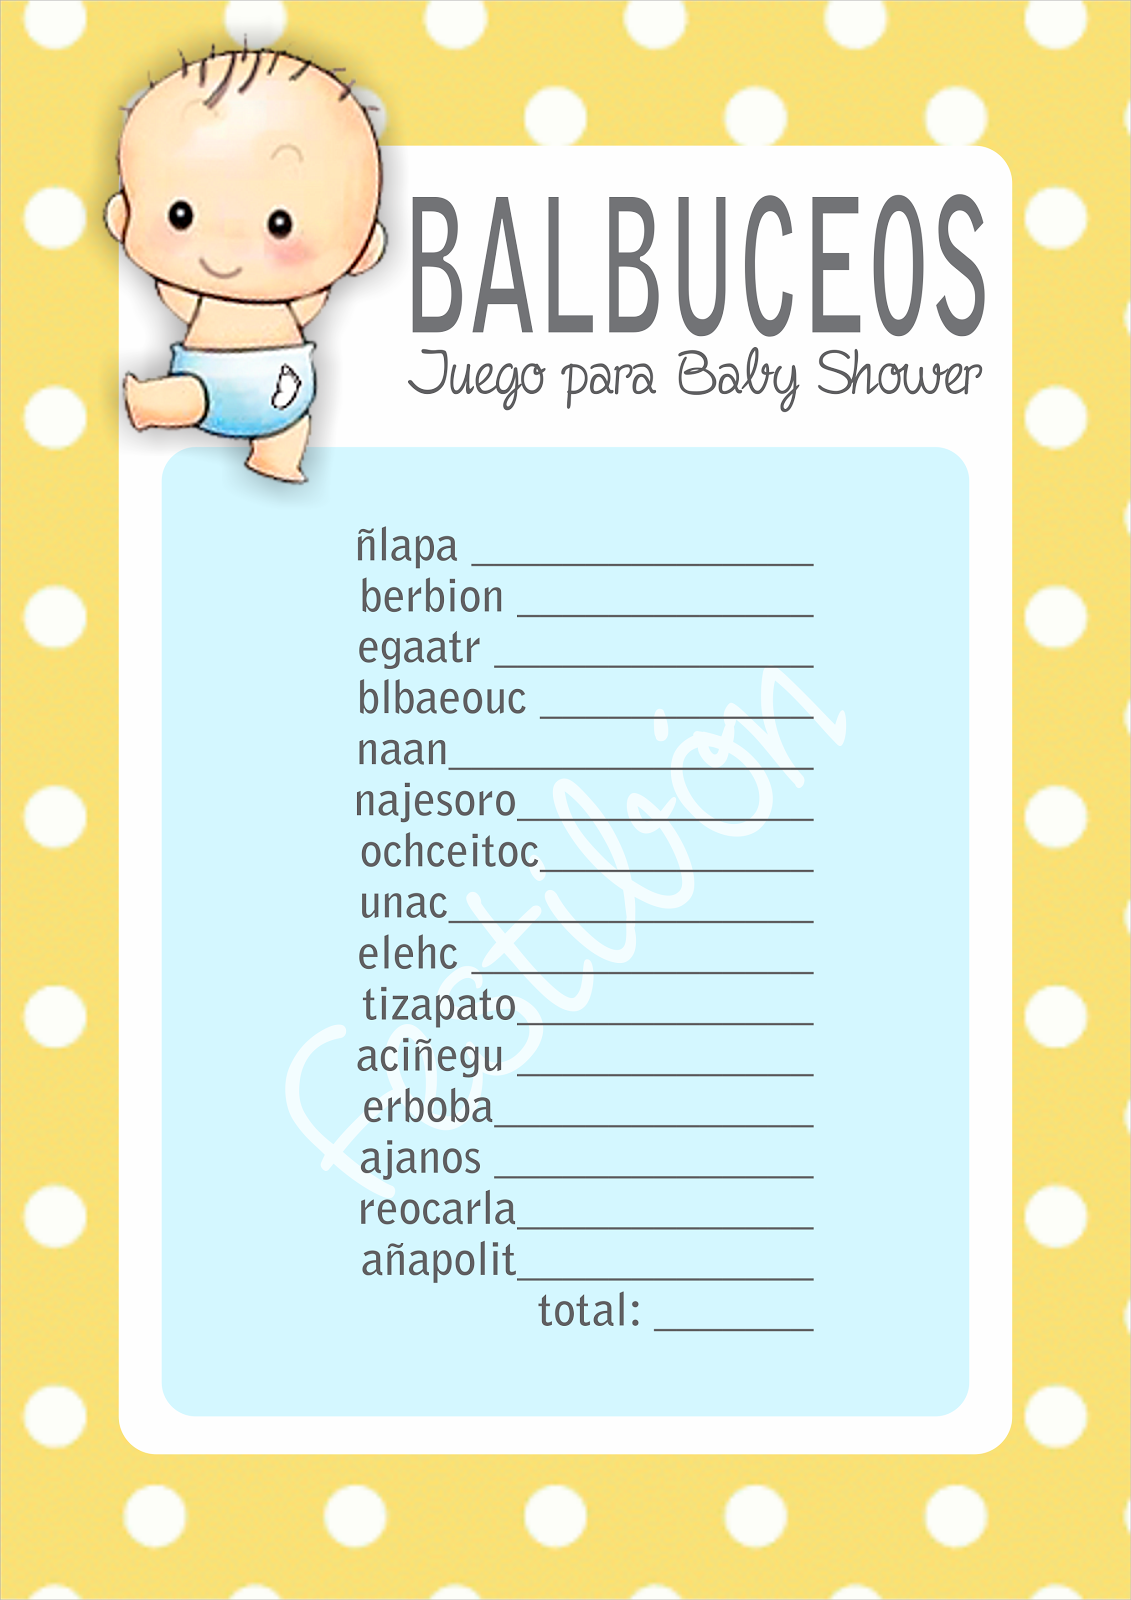 Invitaciones Para Baby Shower Gratis Para Descargar : invitaciones, shower, gratis, descargar, Descarga, Juegos, Shower, Imprimir, GRATIS, Juegos,, Invitaciones, Shower,, Niña